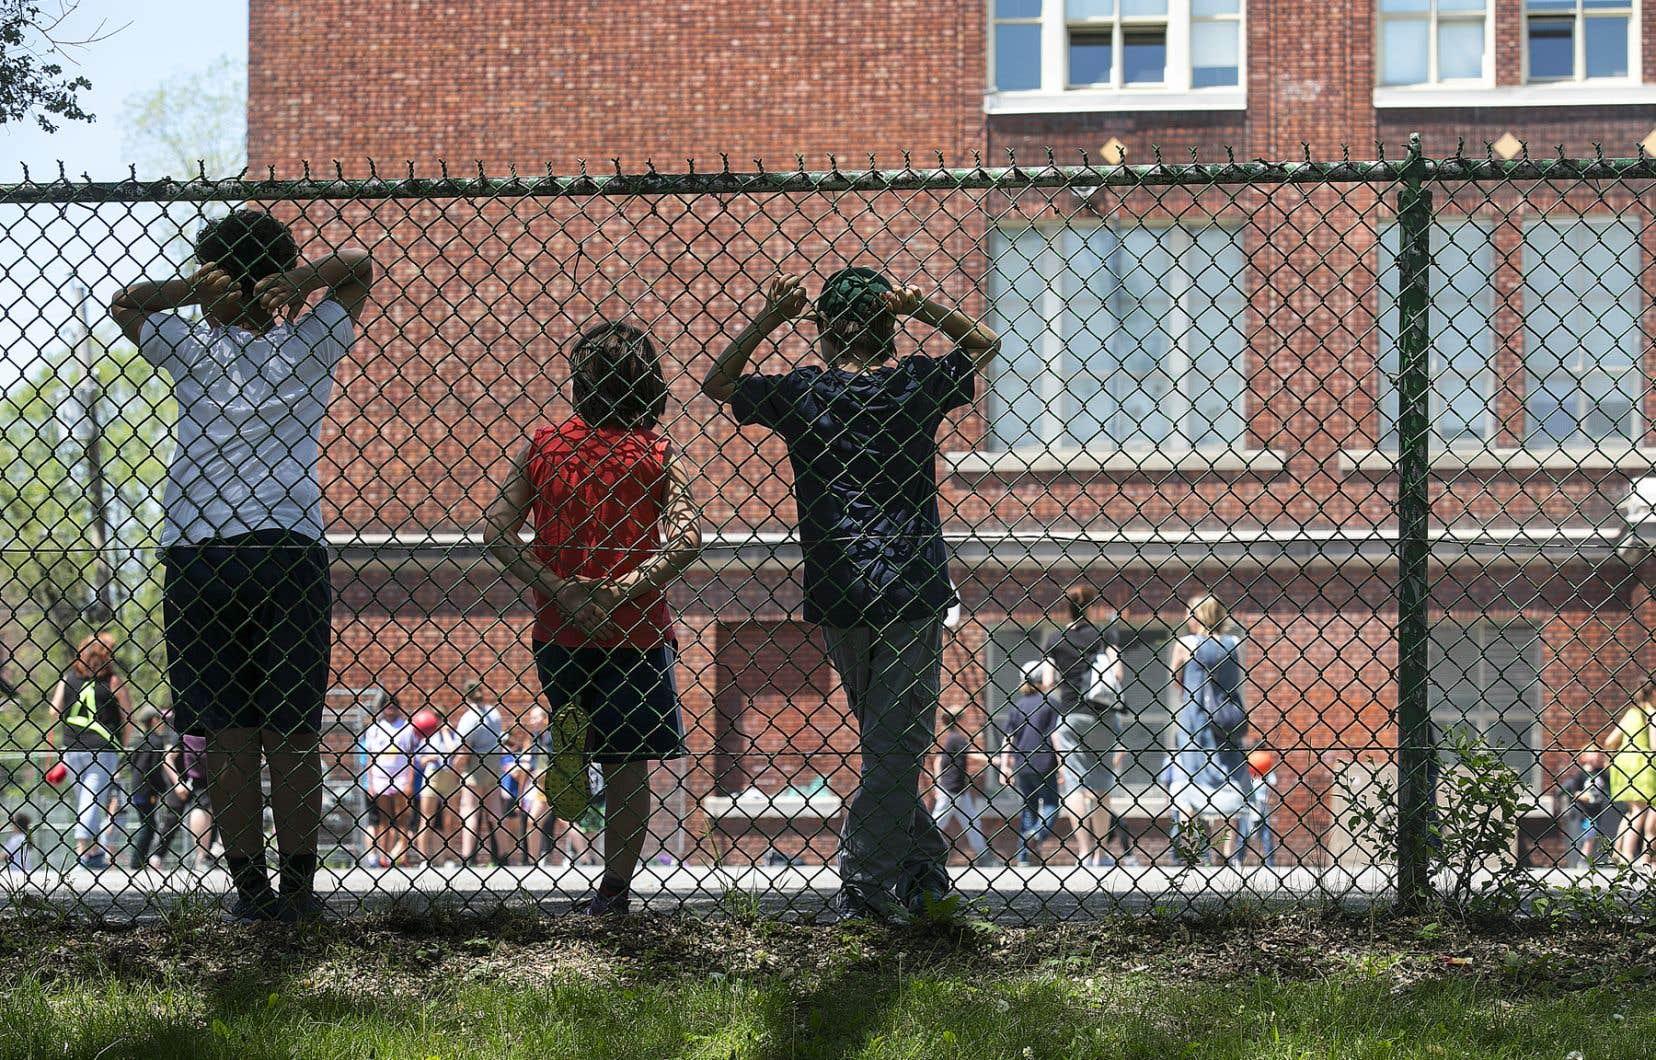 «La rentrée scolaire est à moins de trois semaines et on se demande toujours ce qu'il en adviendra», écrit l'autrice.